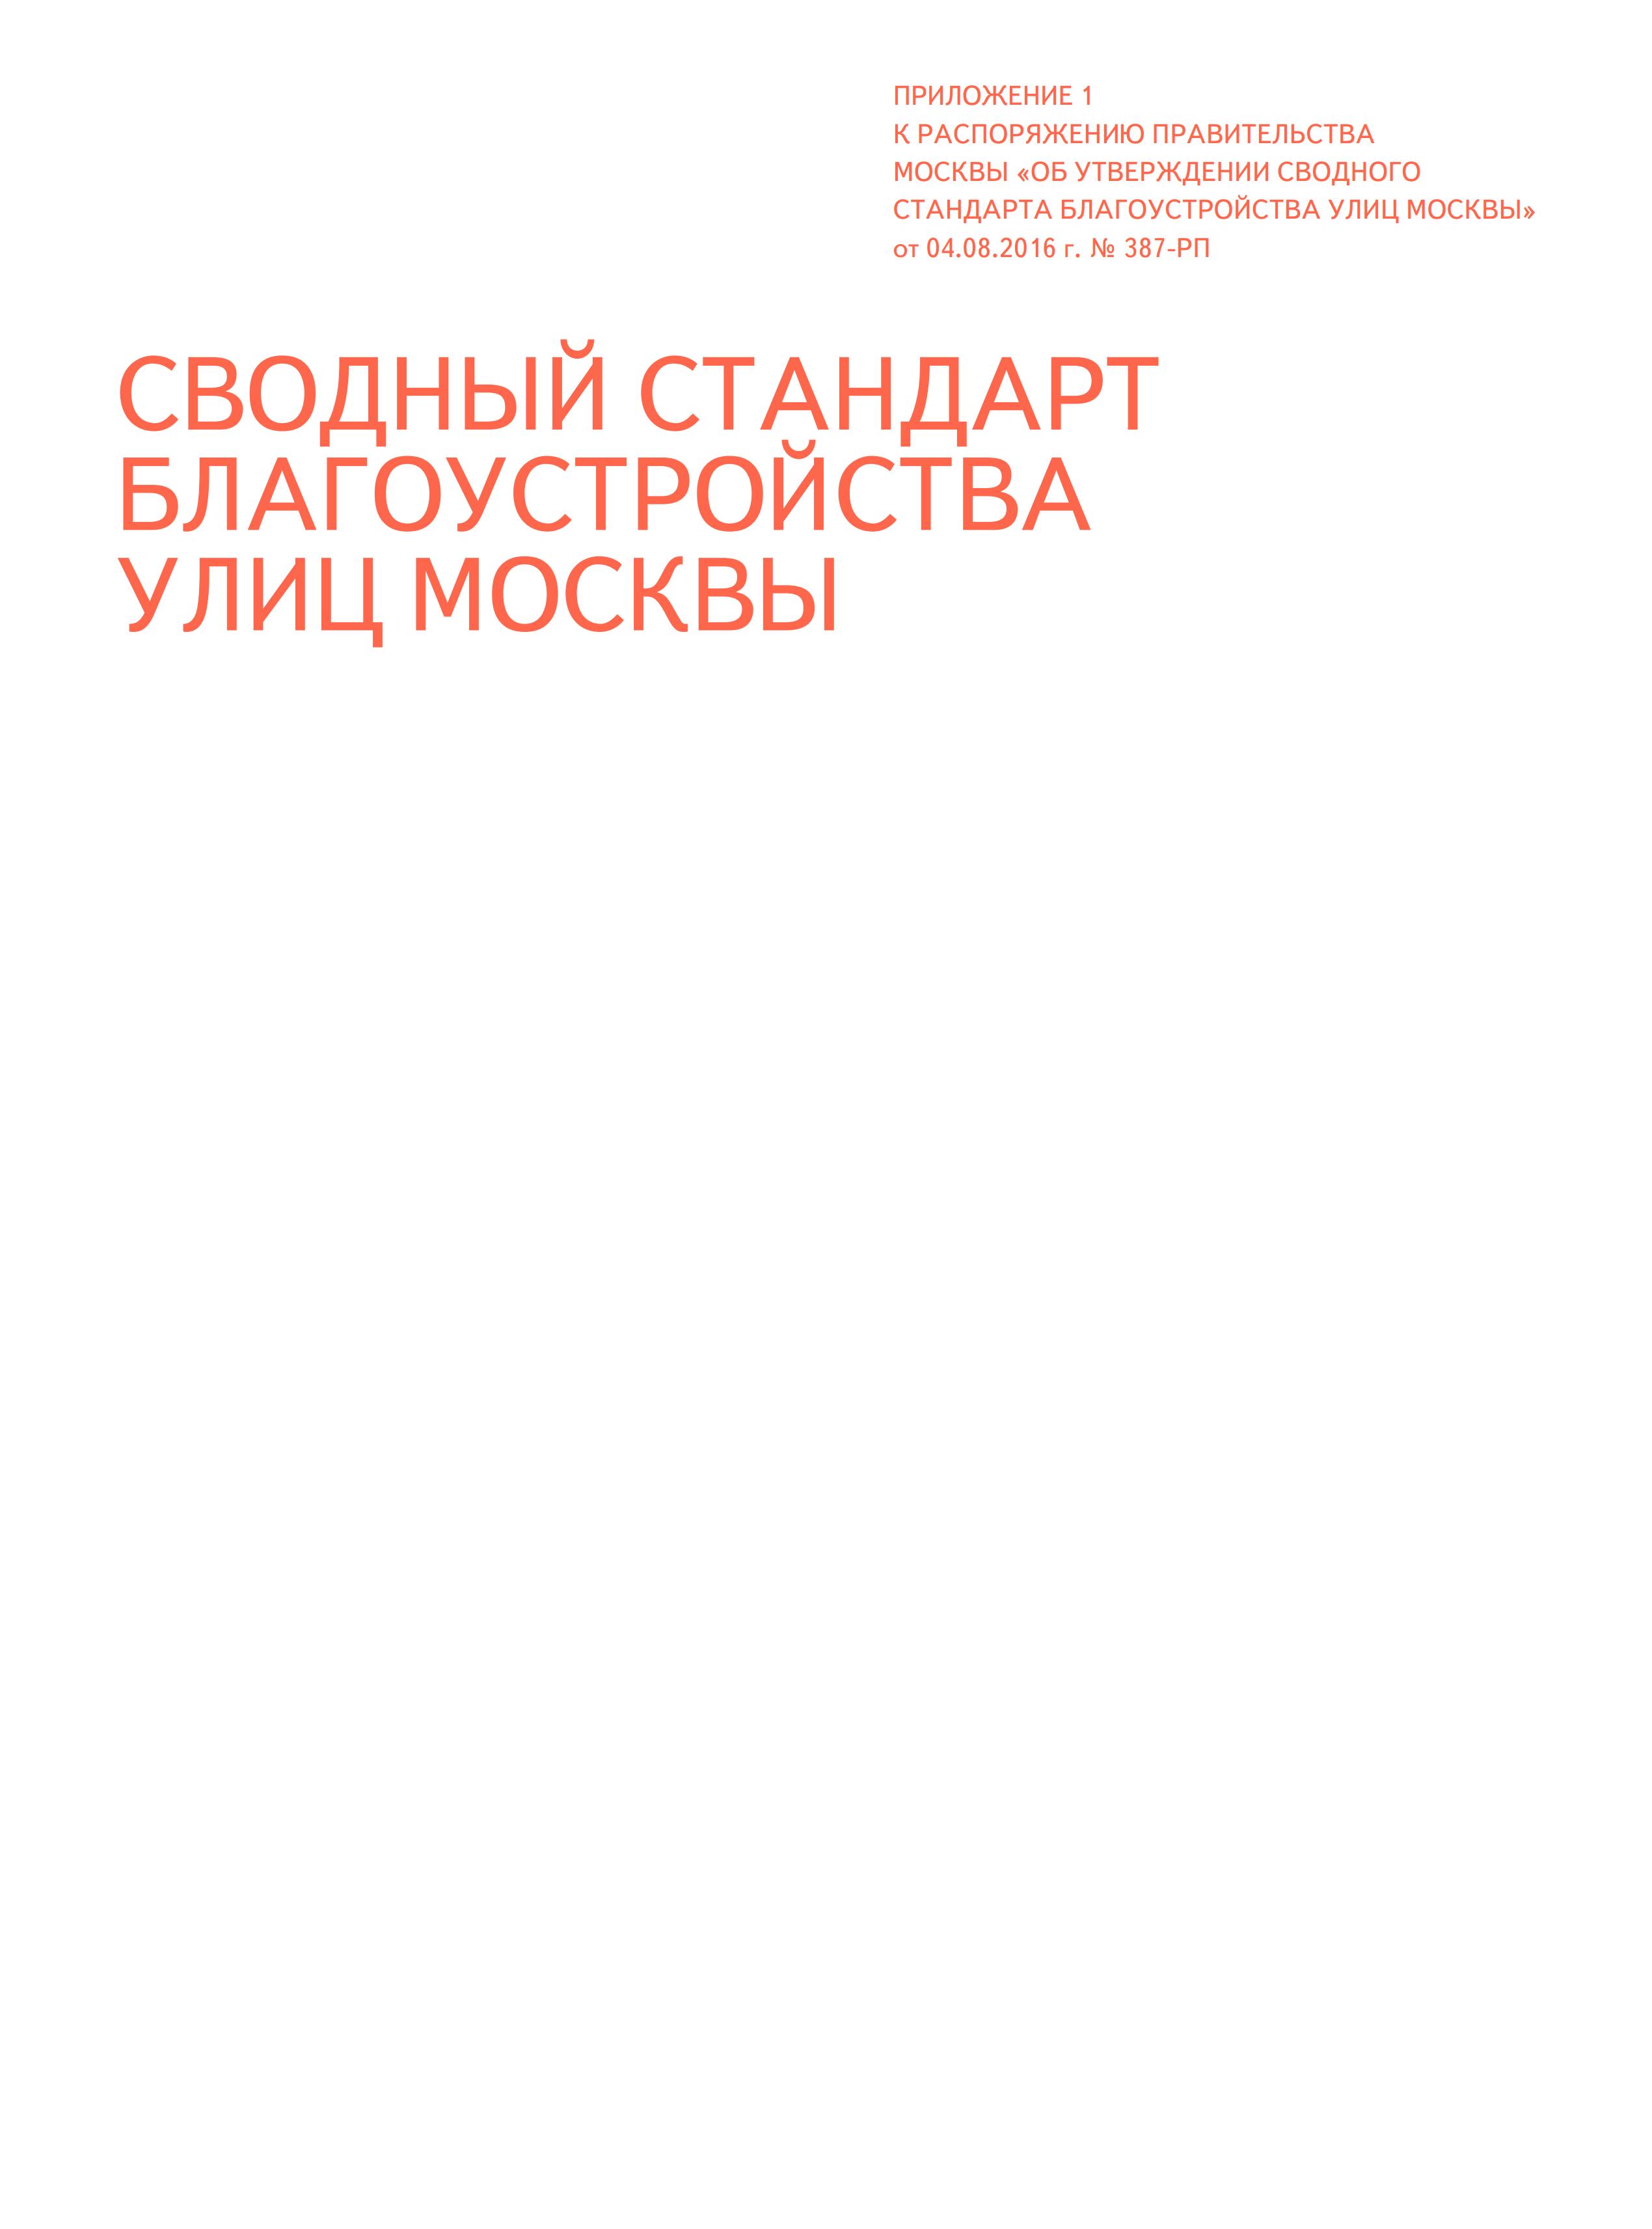 Частные объявления москва о благоустройстве коктебель гостиницы частные объявления